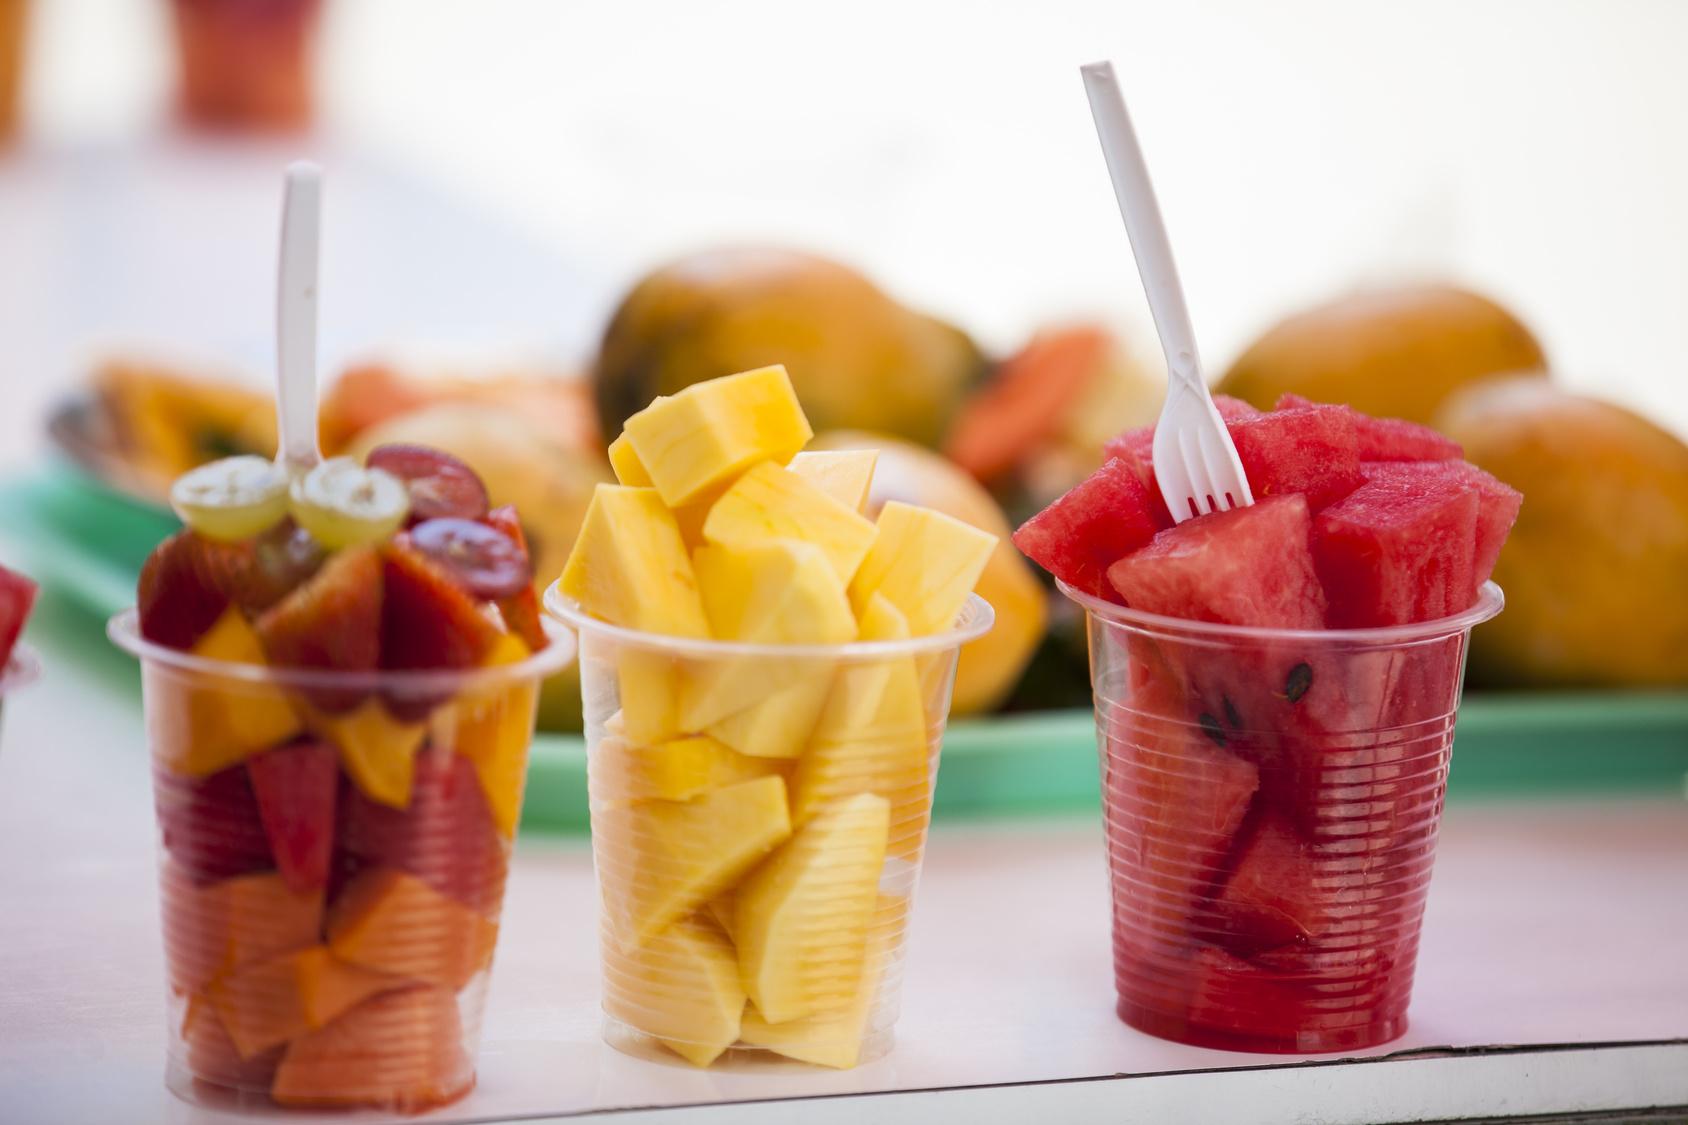 Copinho com frutas cortadas